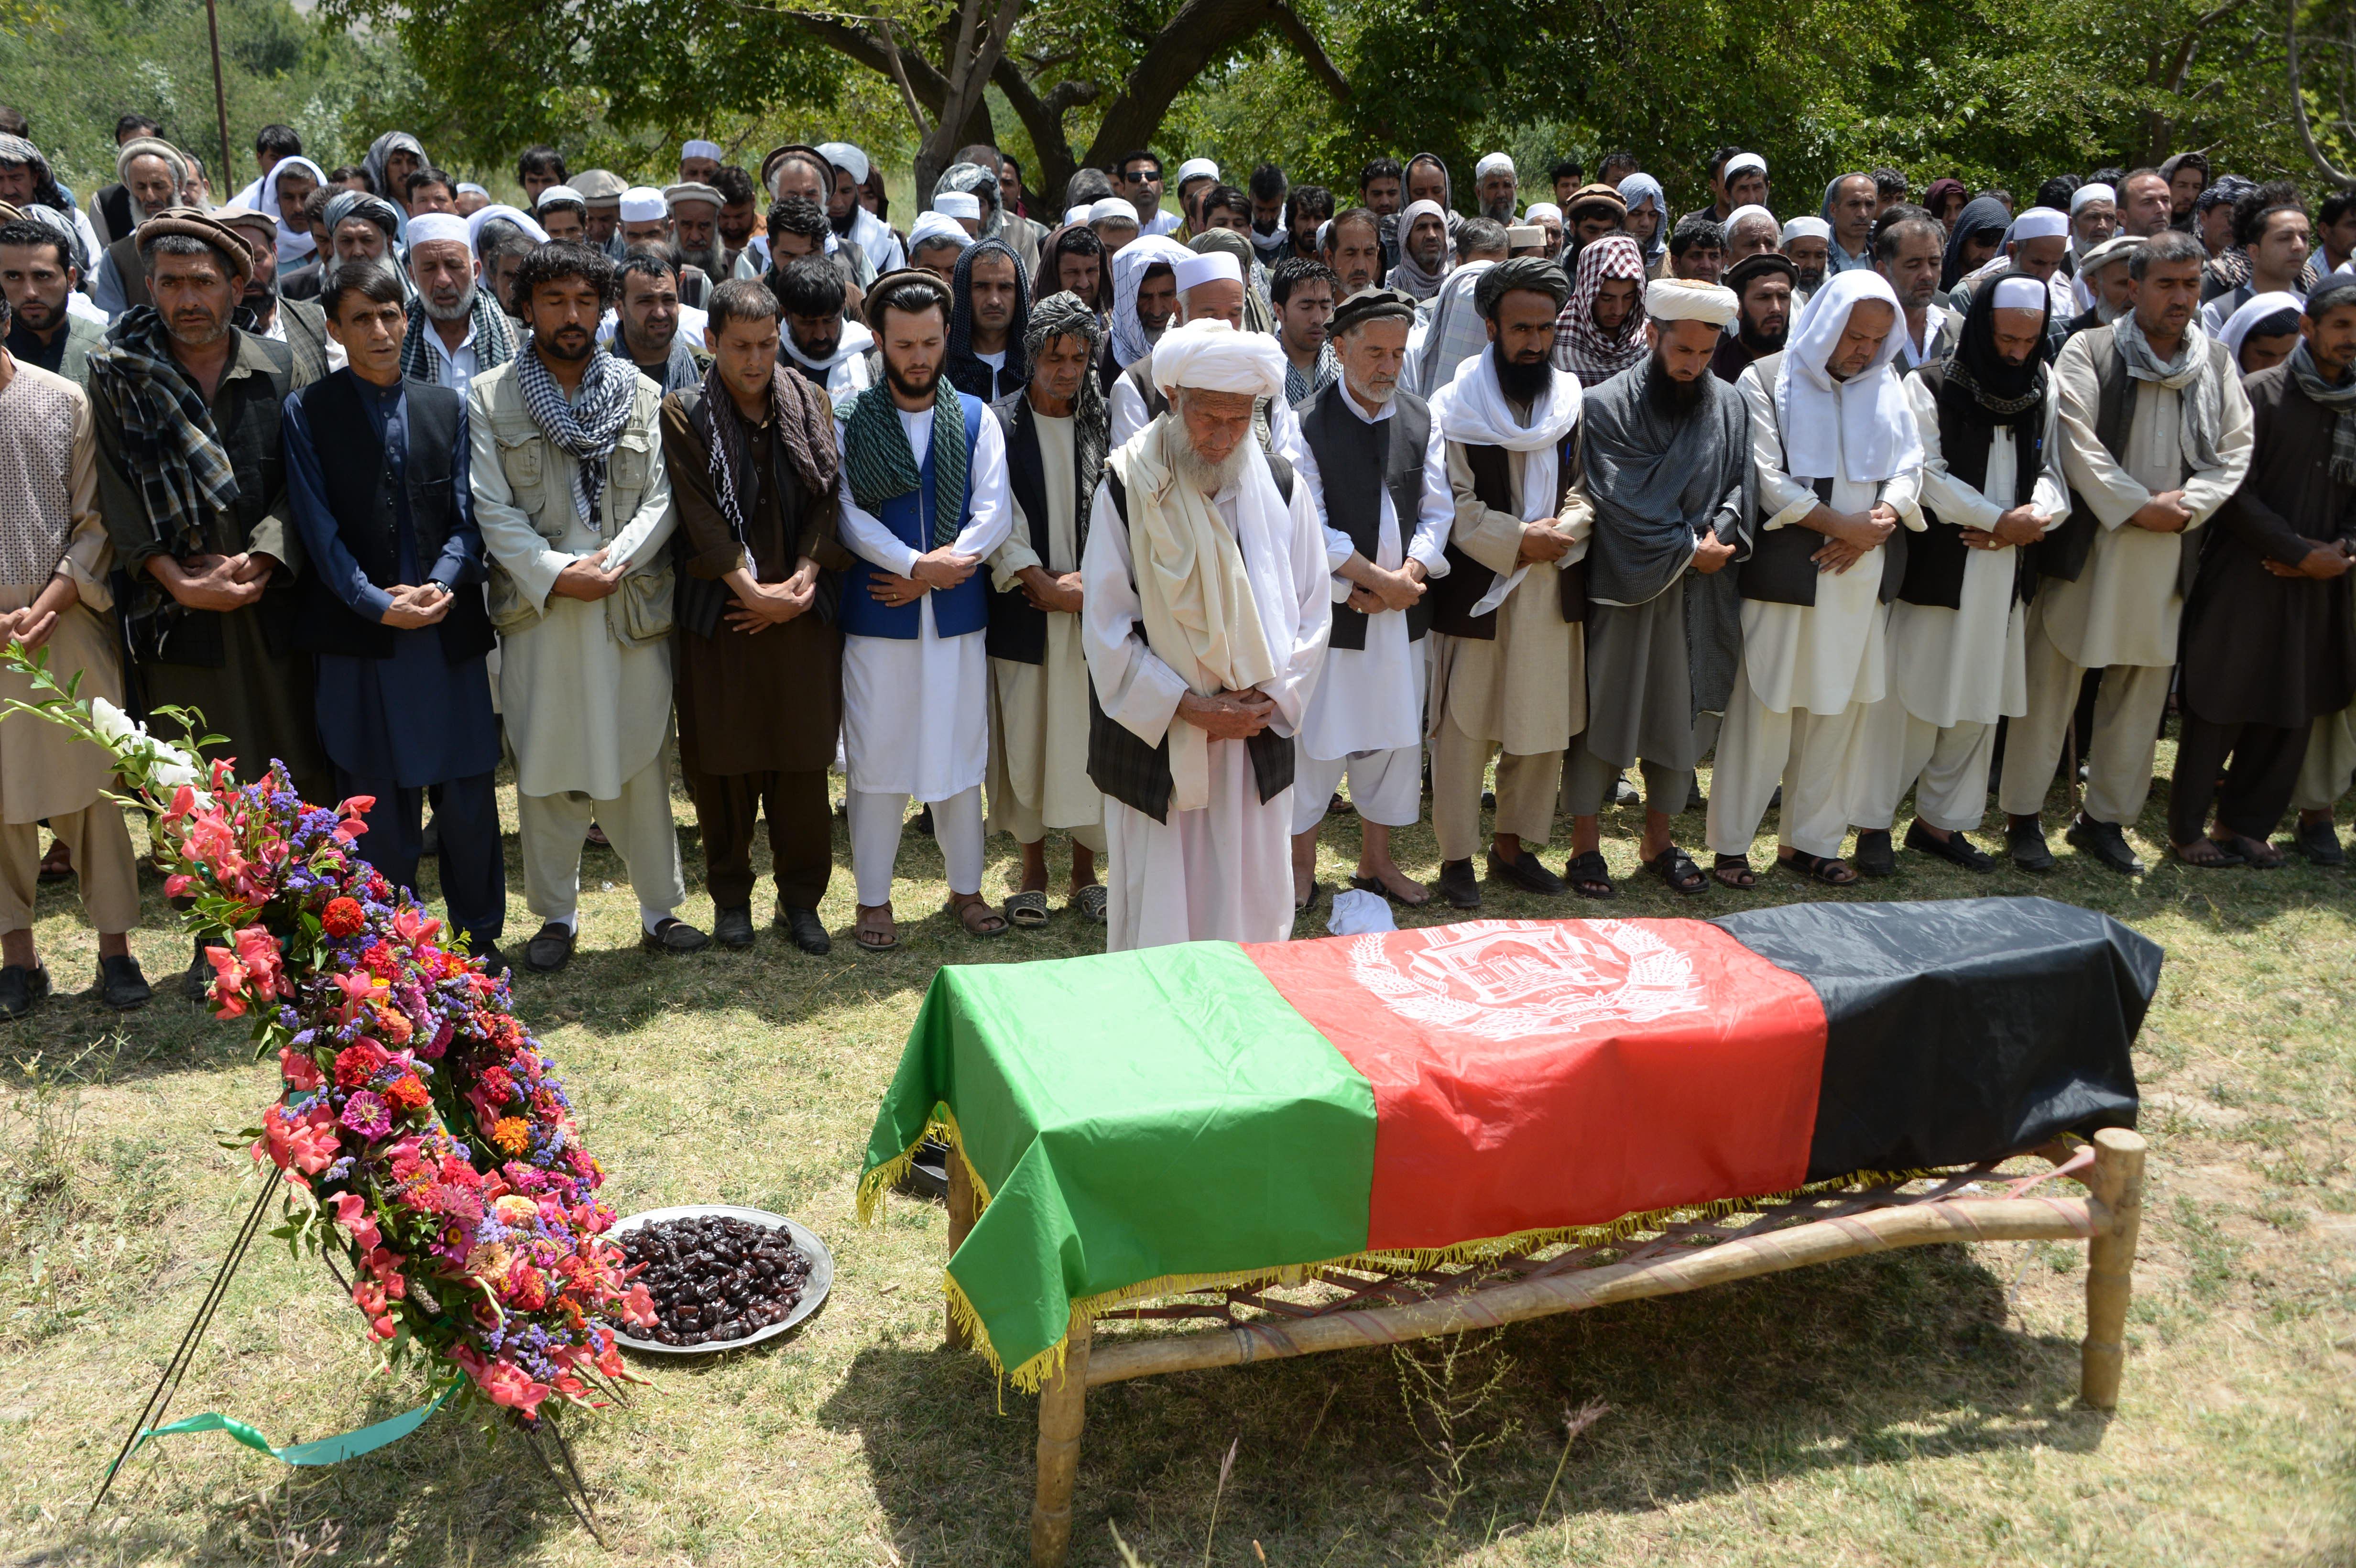 سازمان ملل متحد استفاده از خشونت برای مختل کردن انتخابات افغانستان را محکوم کرد